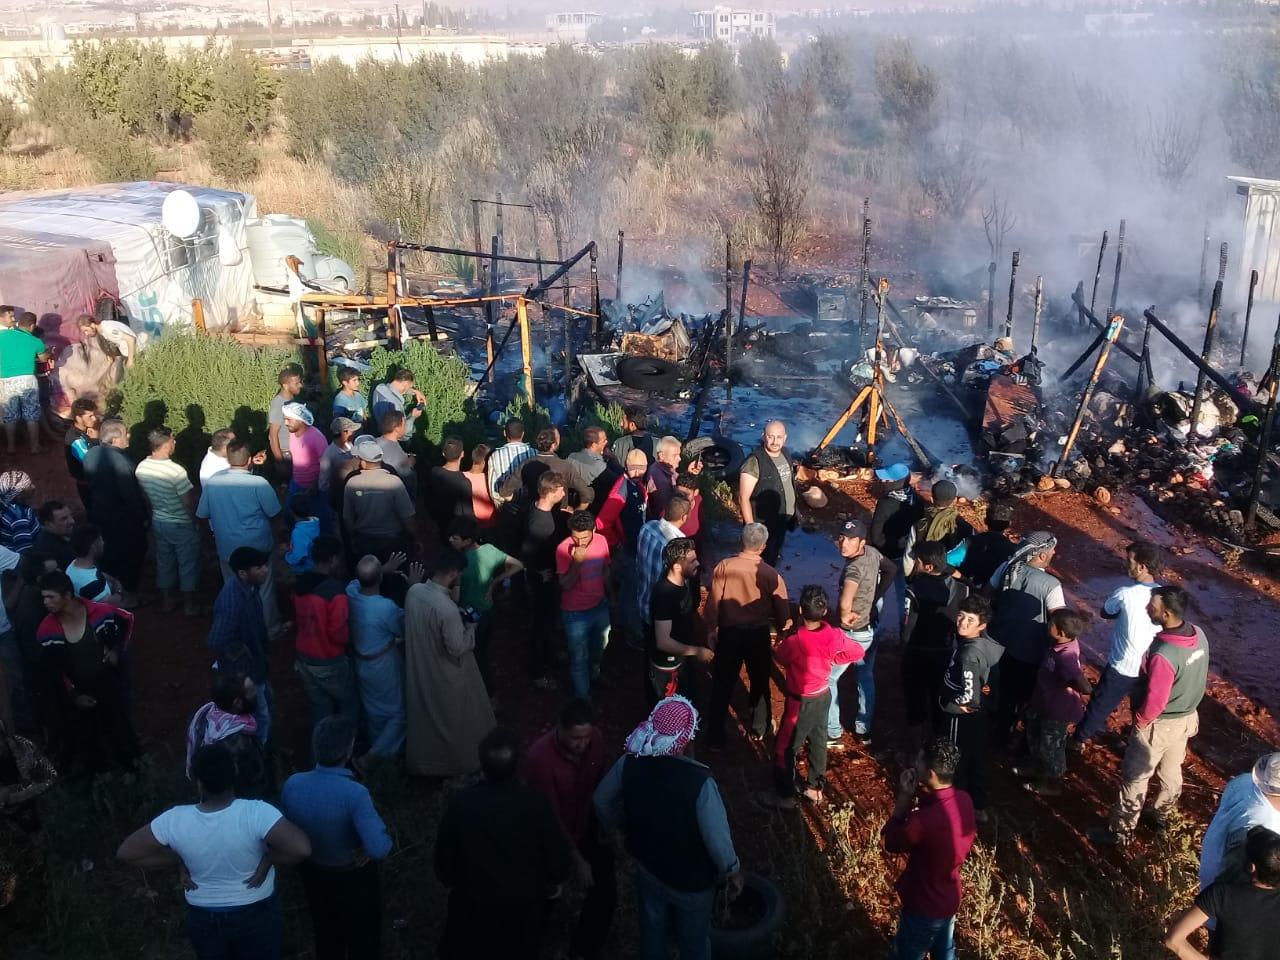 حريق التهم 4 خيم في مخيم للنازحين السوريين في سهل دورس